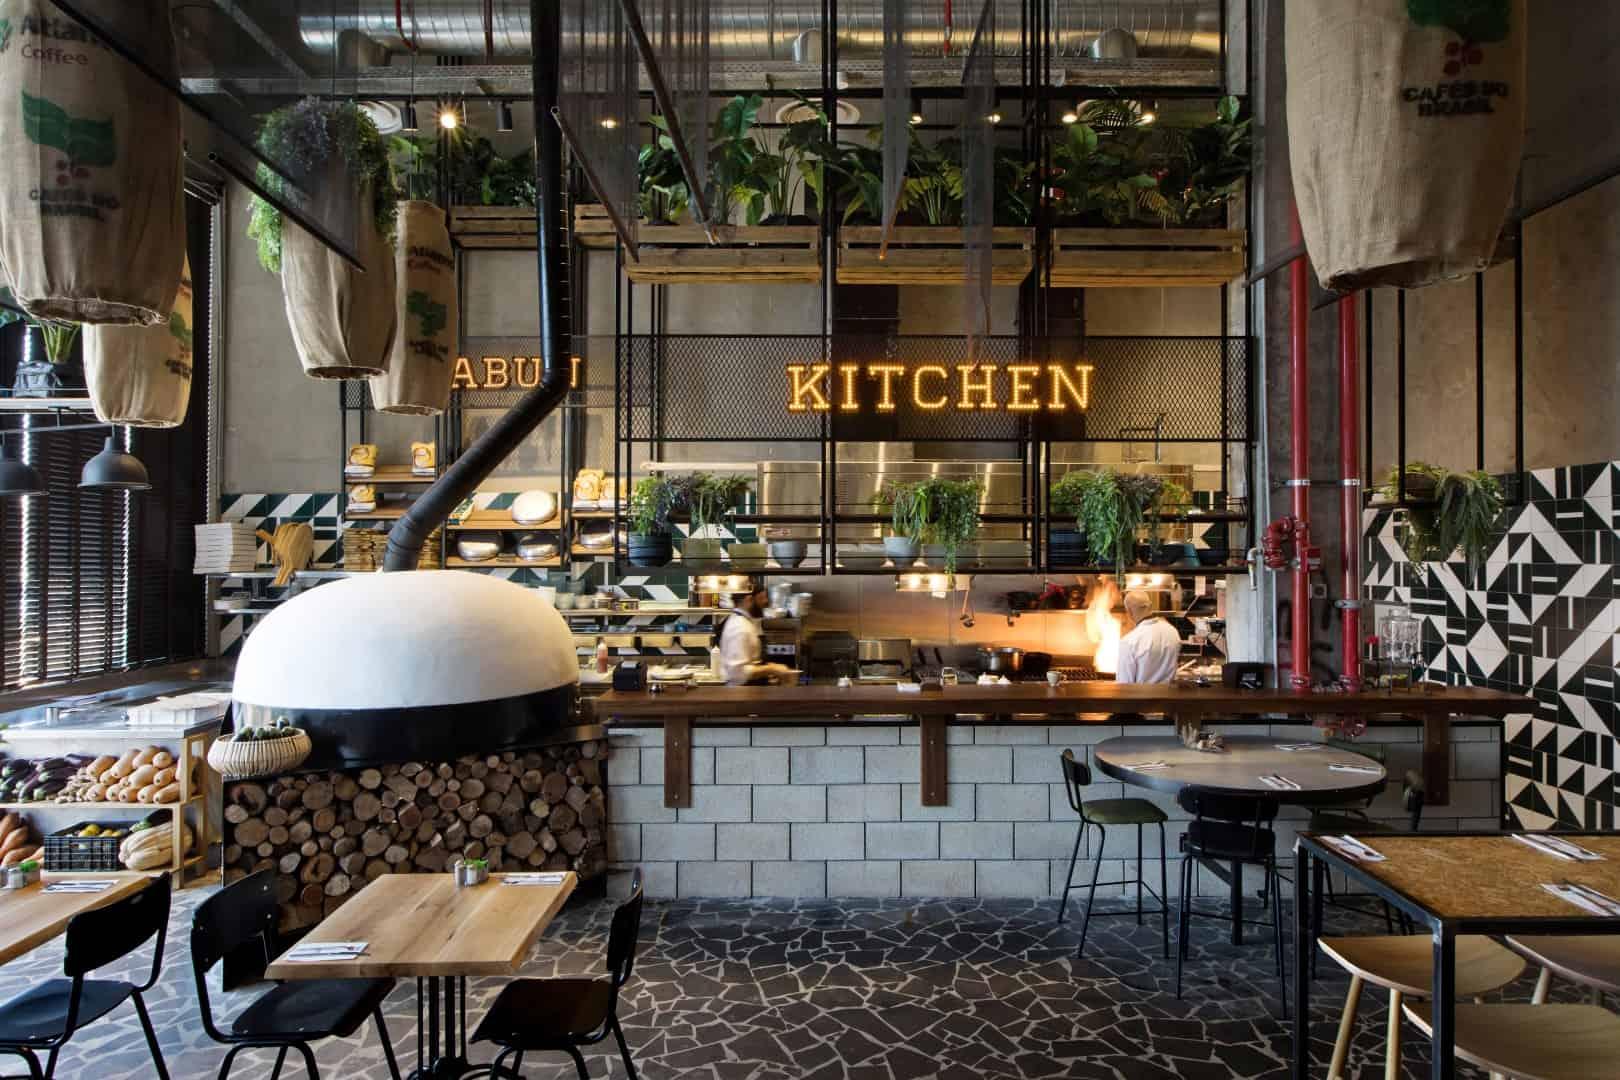 לאכול כשר | רשת פרש דה מרקט פותחת 4 מסעדות בקונספט חדשני